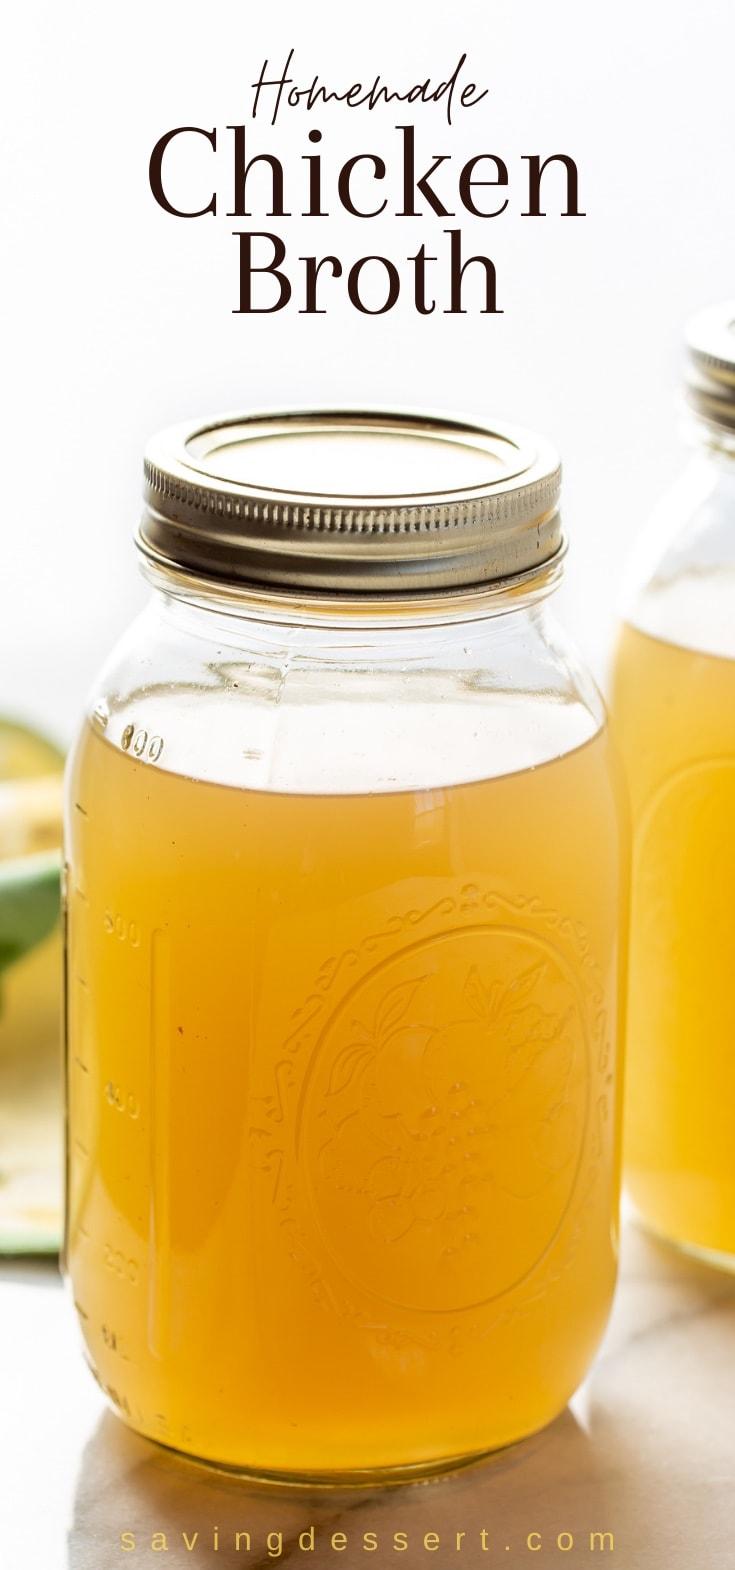 A closeup of a jar of homemade broth